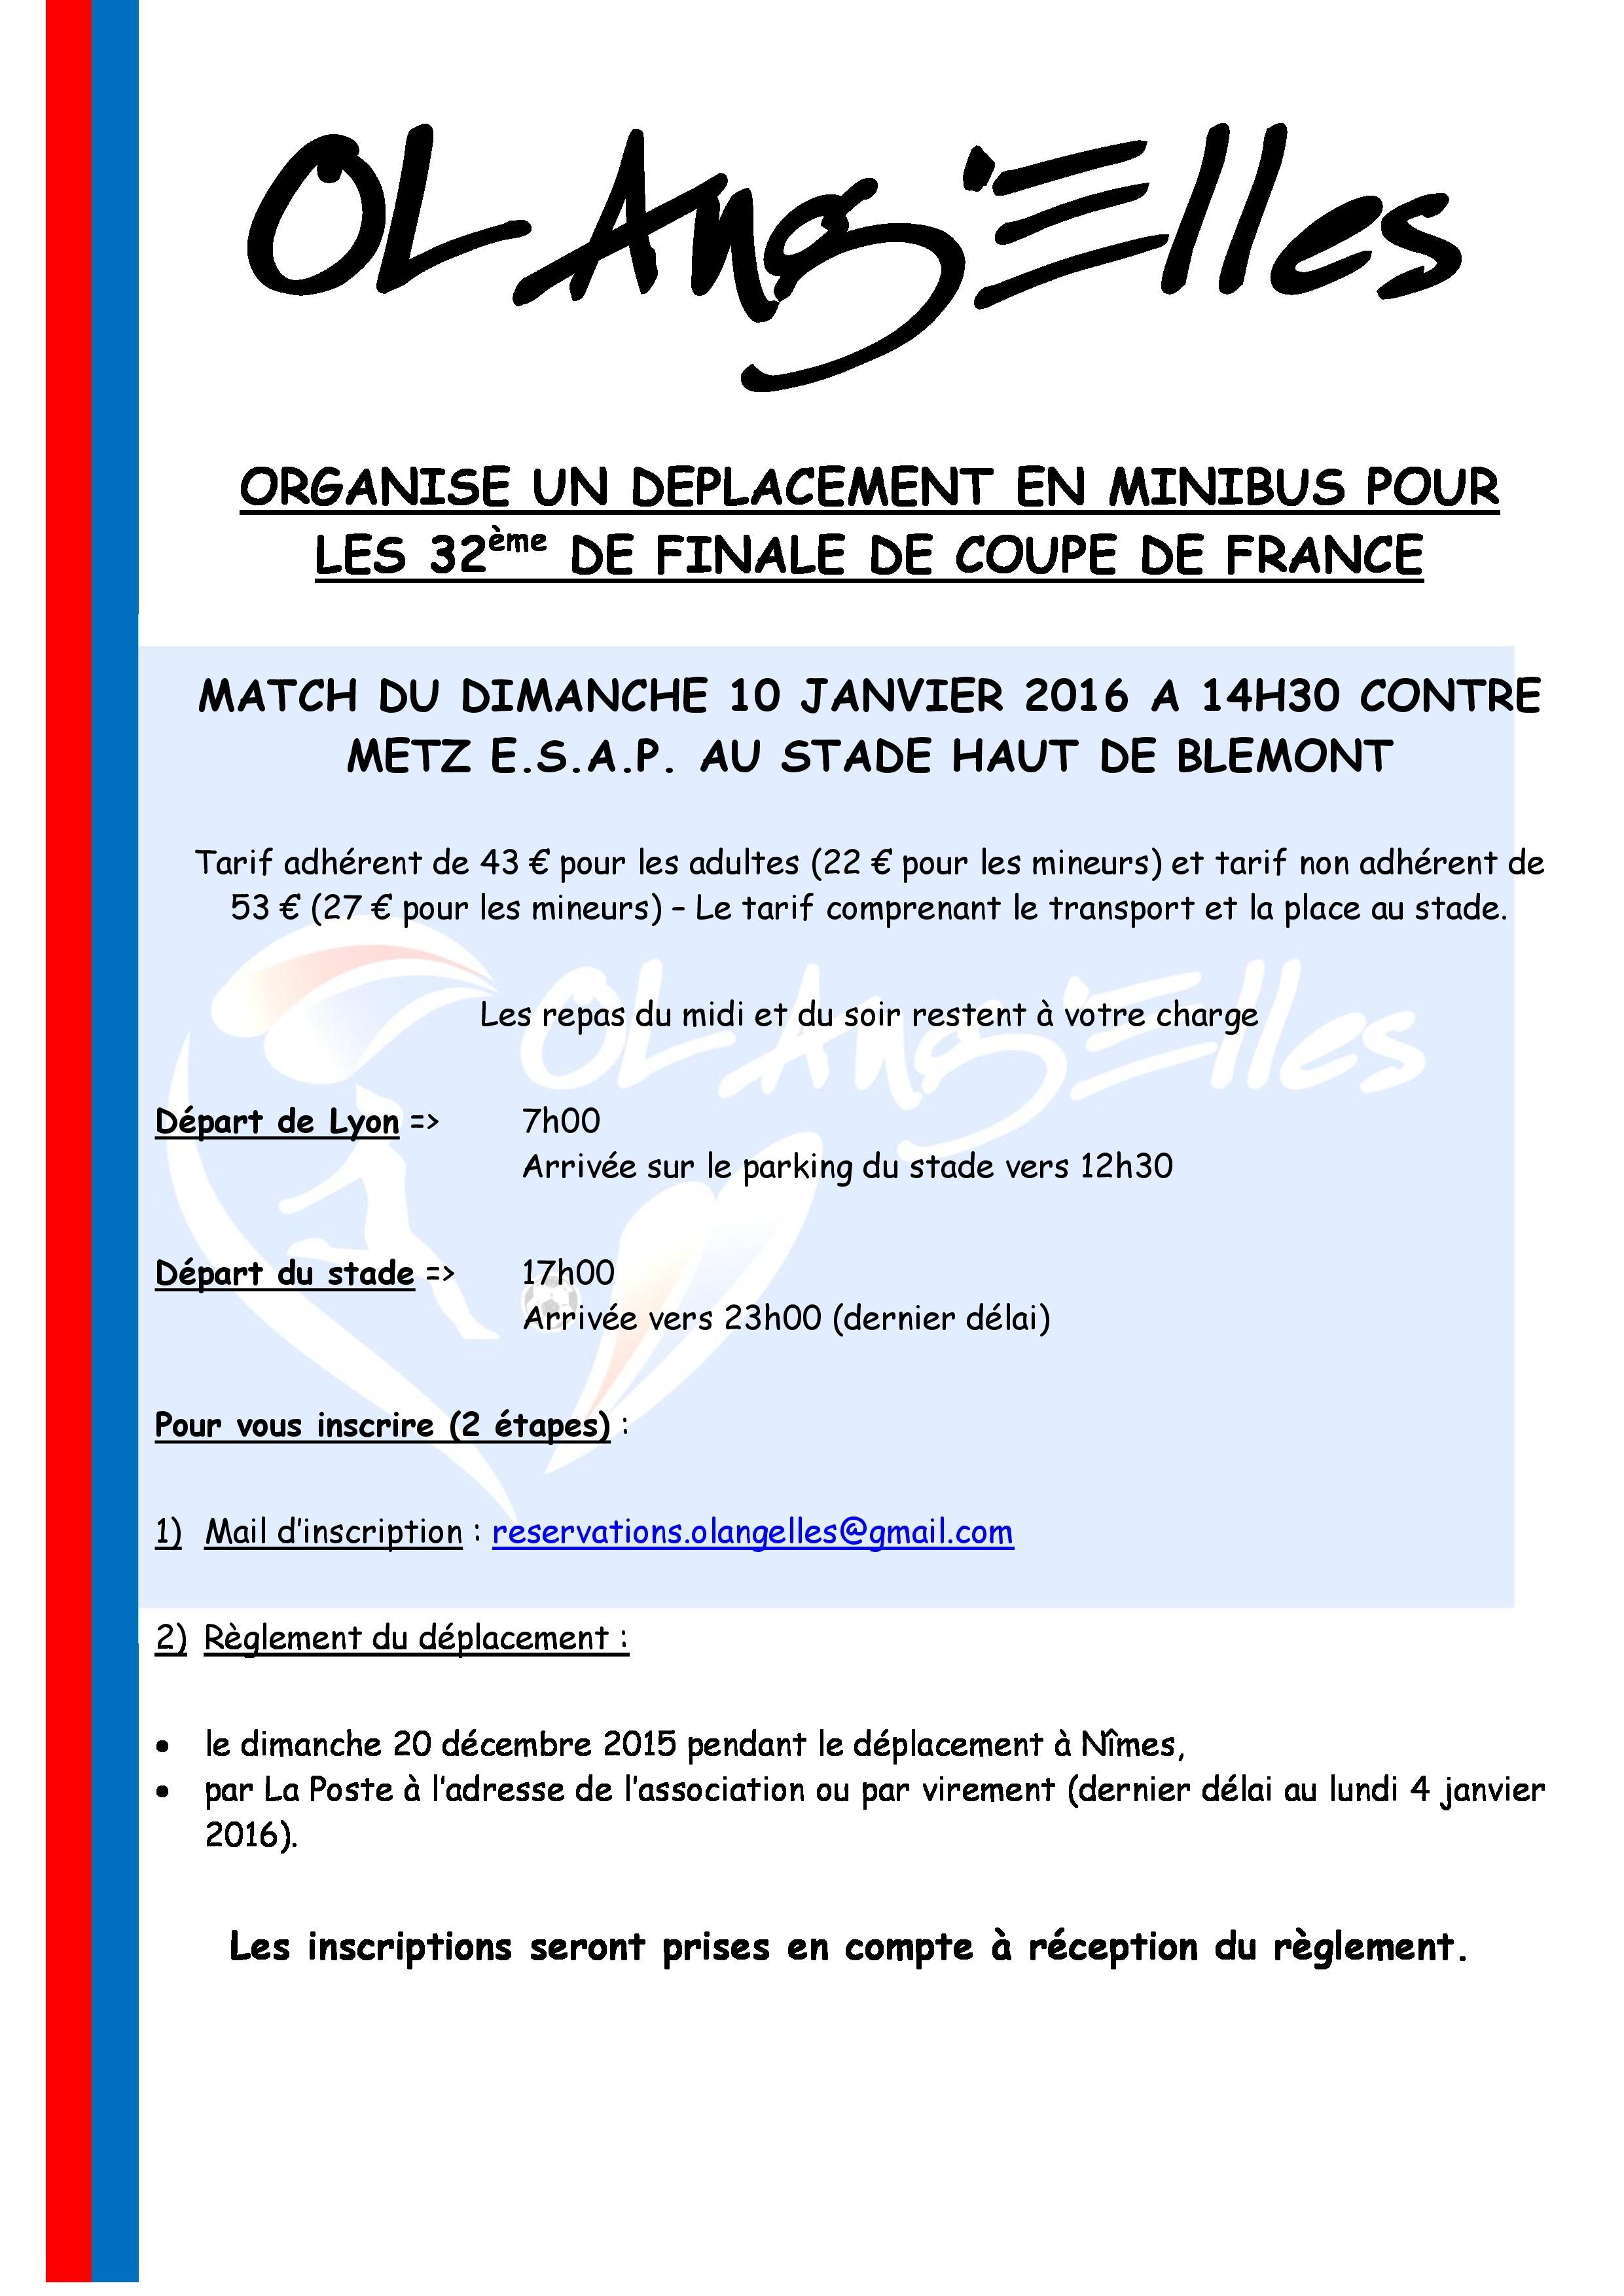 Esap metz en 32 me de finale de coupe de france ol ang 39 elles - 32eme de finale coupe de france en direct ...